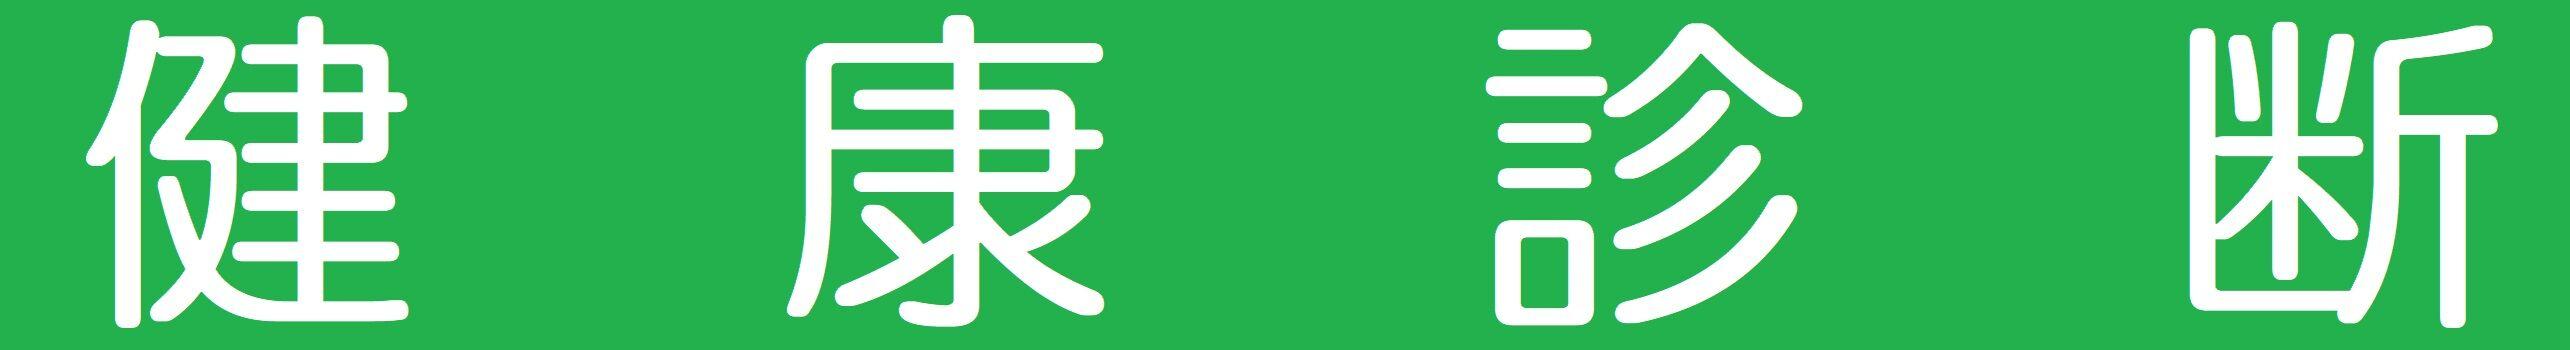 五十嵐内科 院長 仙台市宮城野区福室 内科 呼吸器内科 循環器内科 健康寿命をのばしましょう。 カラダも,ココロも,社会的にも健康に。 生活習慣病 高血圧症 糖尿病 脂質異常症 高尿酸血症 痛風 かぜ インフルエンザ 気管支喘息 咳喘息 アレルギー性鼻炎 花粉症 片頭痛 脱水症 熱中症 便秘症 急性胃腸炎 感染性腸炎 機能性胃腸症 過敏性腸症候群 じんましん 帯状疱疹 口内炎 口唇ヘルペス 漢方治療 不眠症 鉄欠乏性貧血 亜鉛欠乏症 膀胱炎 更年期障害 自律神経失調症 めまい 予防接種 各種ワクチン 健康診断 企業健診 仙台市特定健診 仙台市基礎健診 各種診断書 にんにく注射 プラセンタ注射 プラセンタサプリメント AGA治療 男性型脱毛症 ED治療 勃起不全 舌下免疫療法 シダキュア 産業医 禁煙外来 血圧手帳 無料ダウンロード オンライン診療 新型コロナウイルス PCR検査